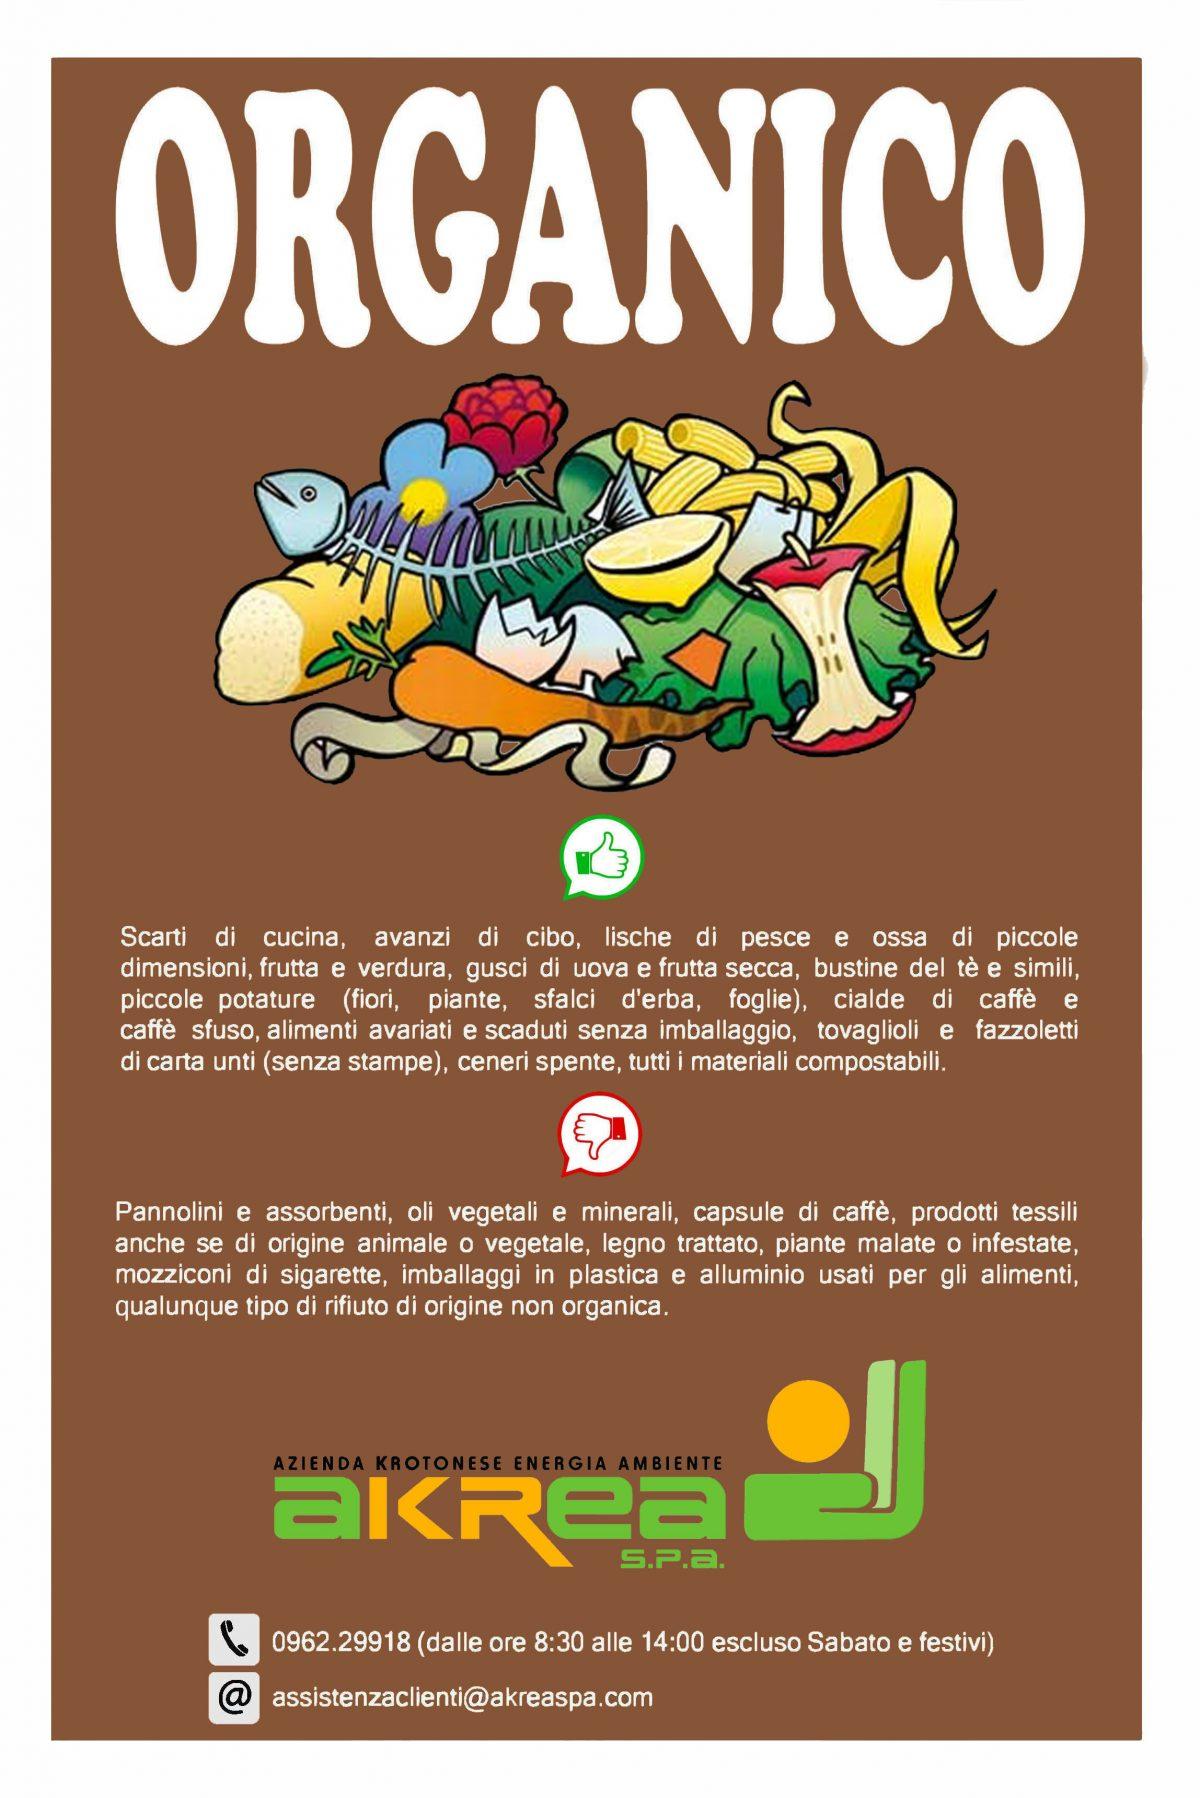 def organico